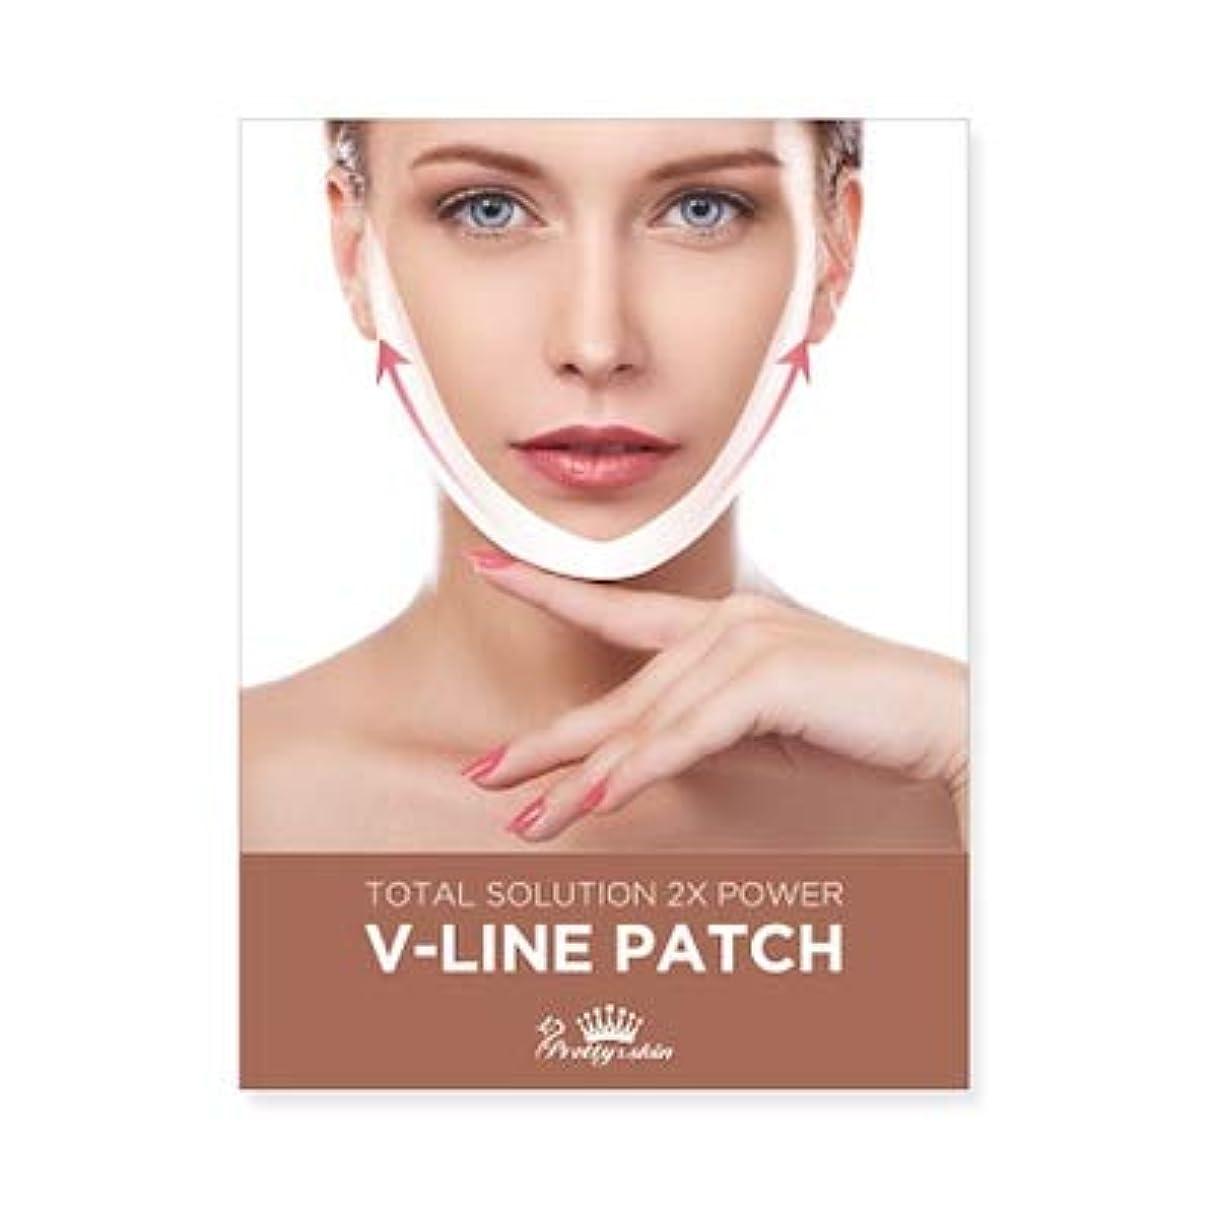 助手ナビゲーション事前にpretty skin プリティスキン V-LINE PATCH ブイラインパッチ リフトアップ マスク (5枚組, ホワイト)